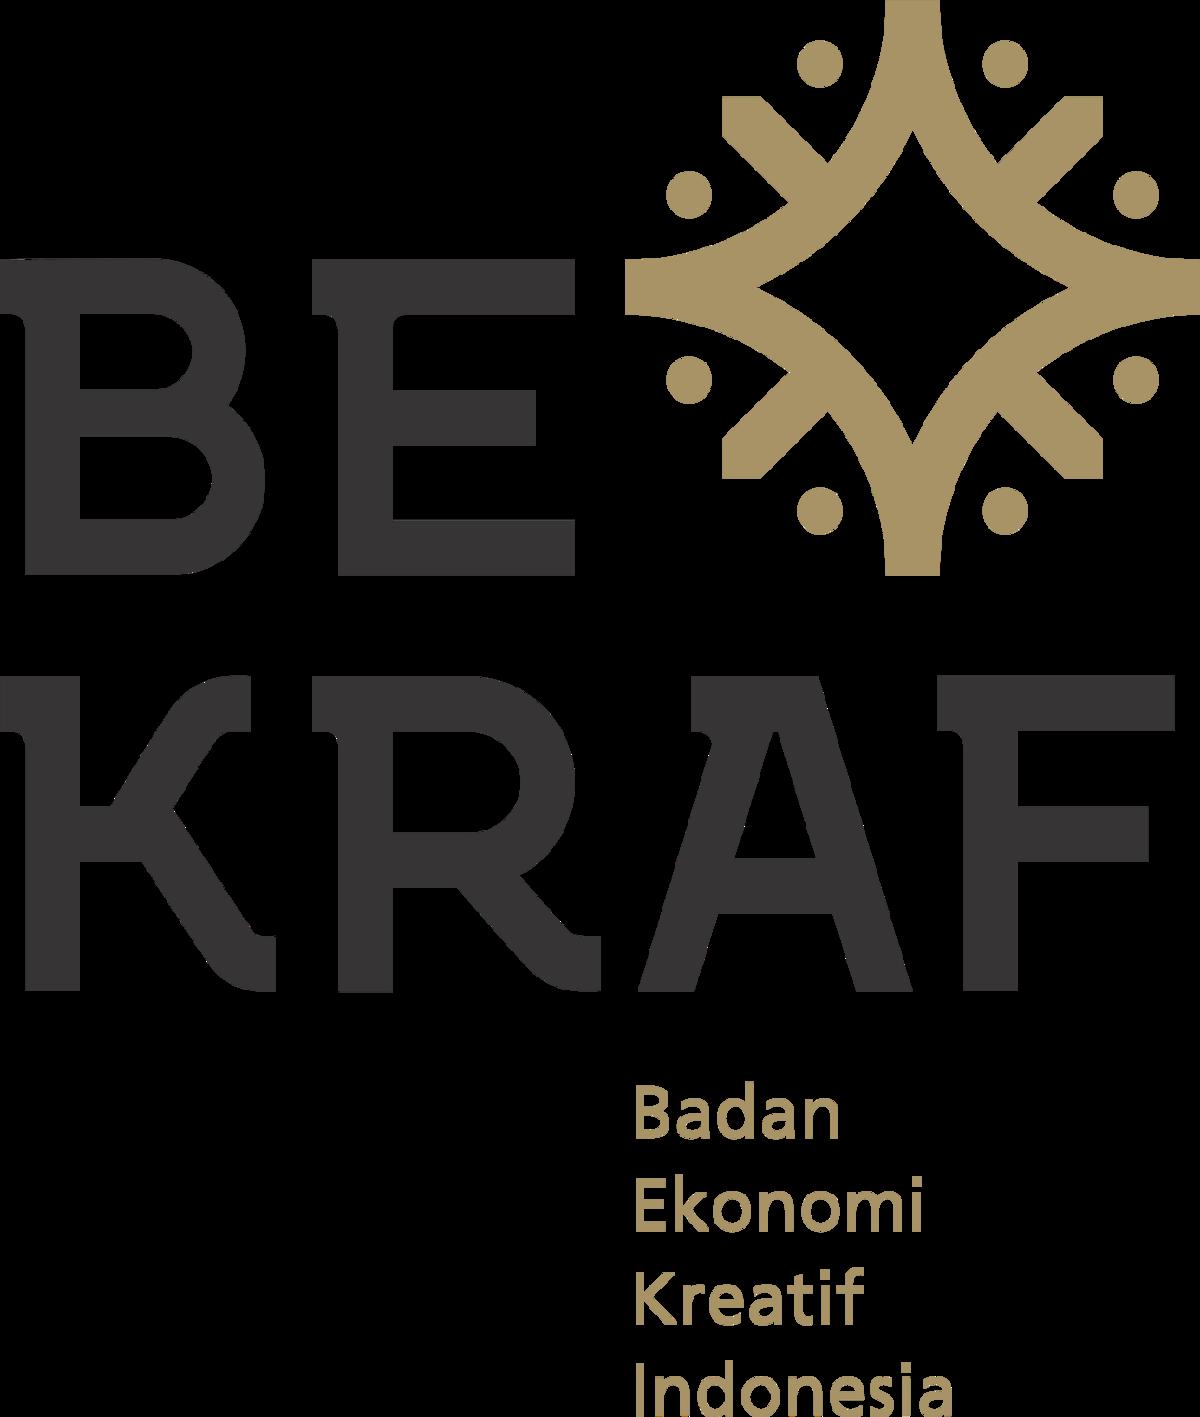 Badan Ekonomi Kreatif Wikipedia Bahasa Indonesia Ensiklopedia Bebas